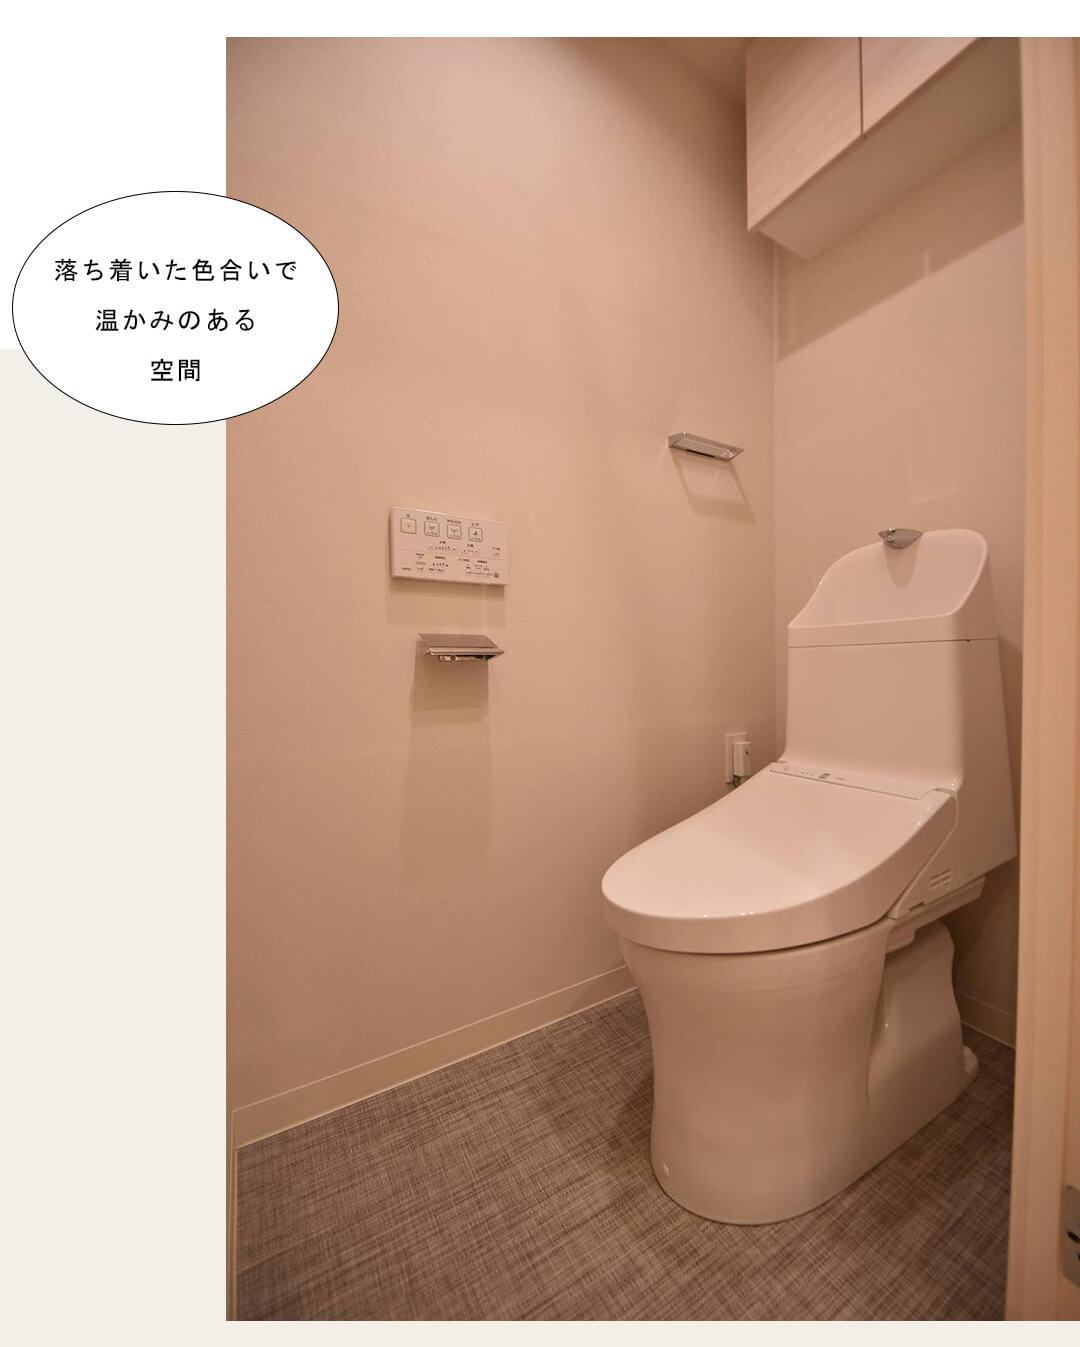 ラ・プラースウエスト 1105のトイレ